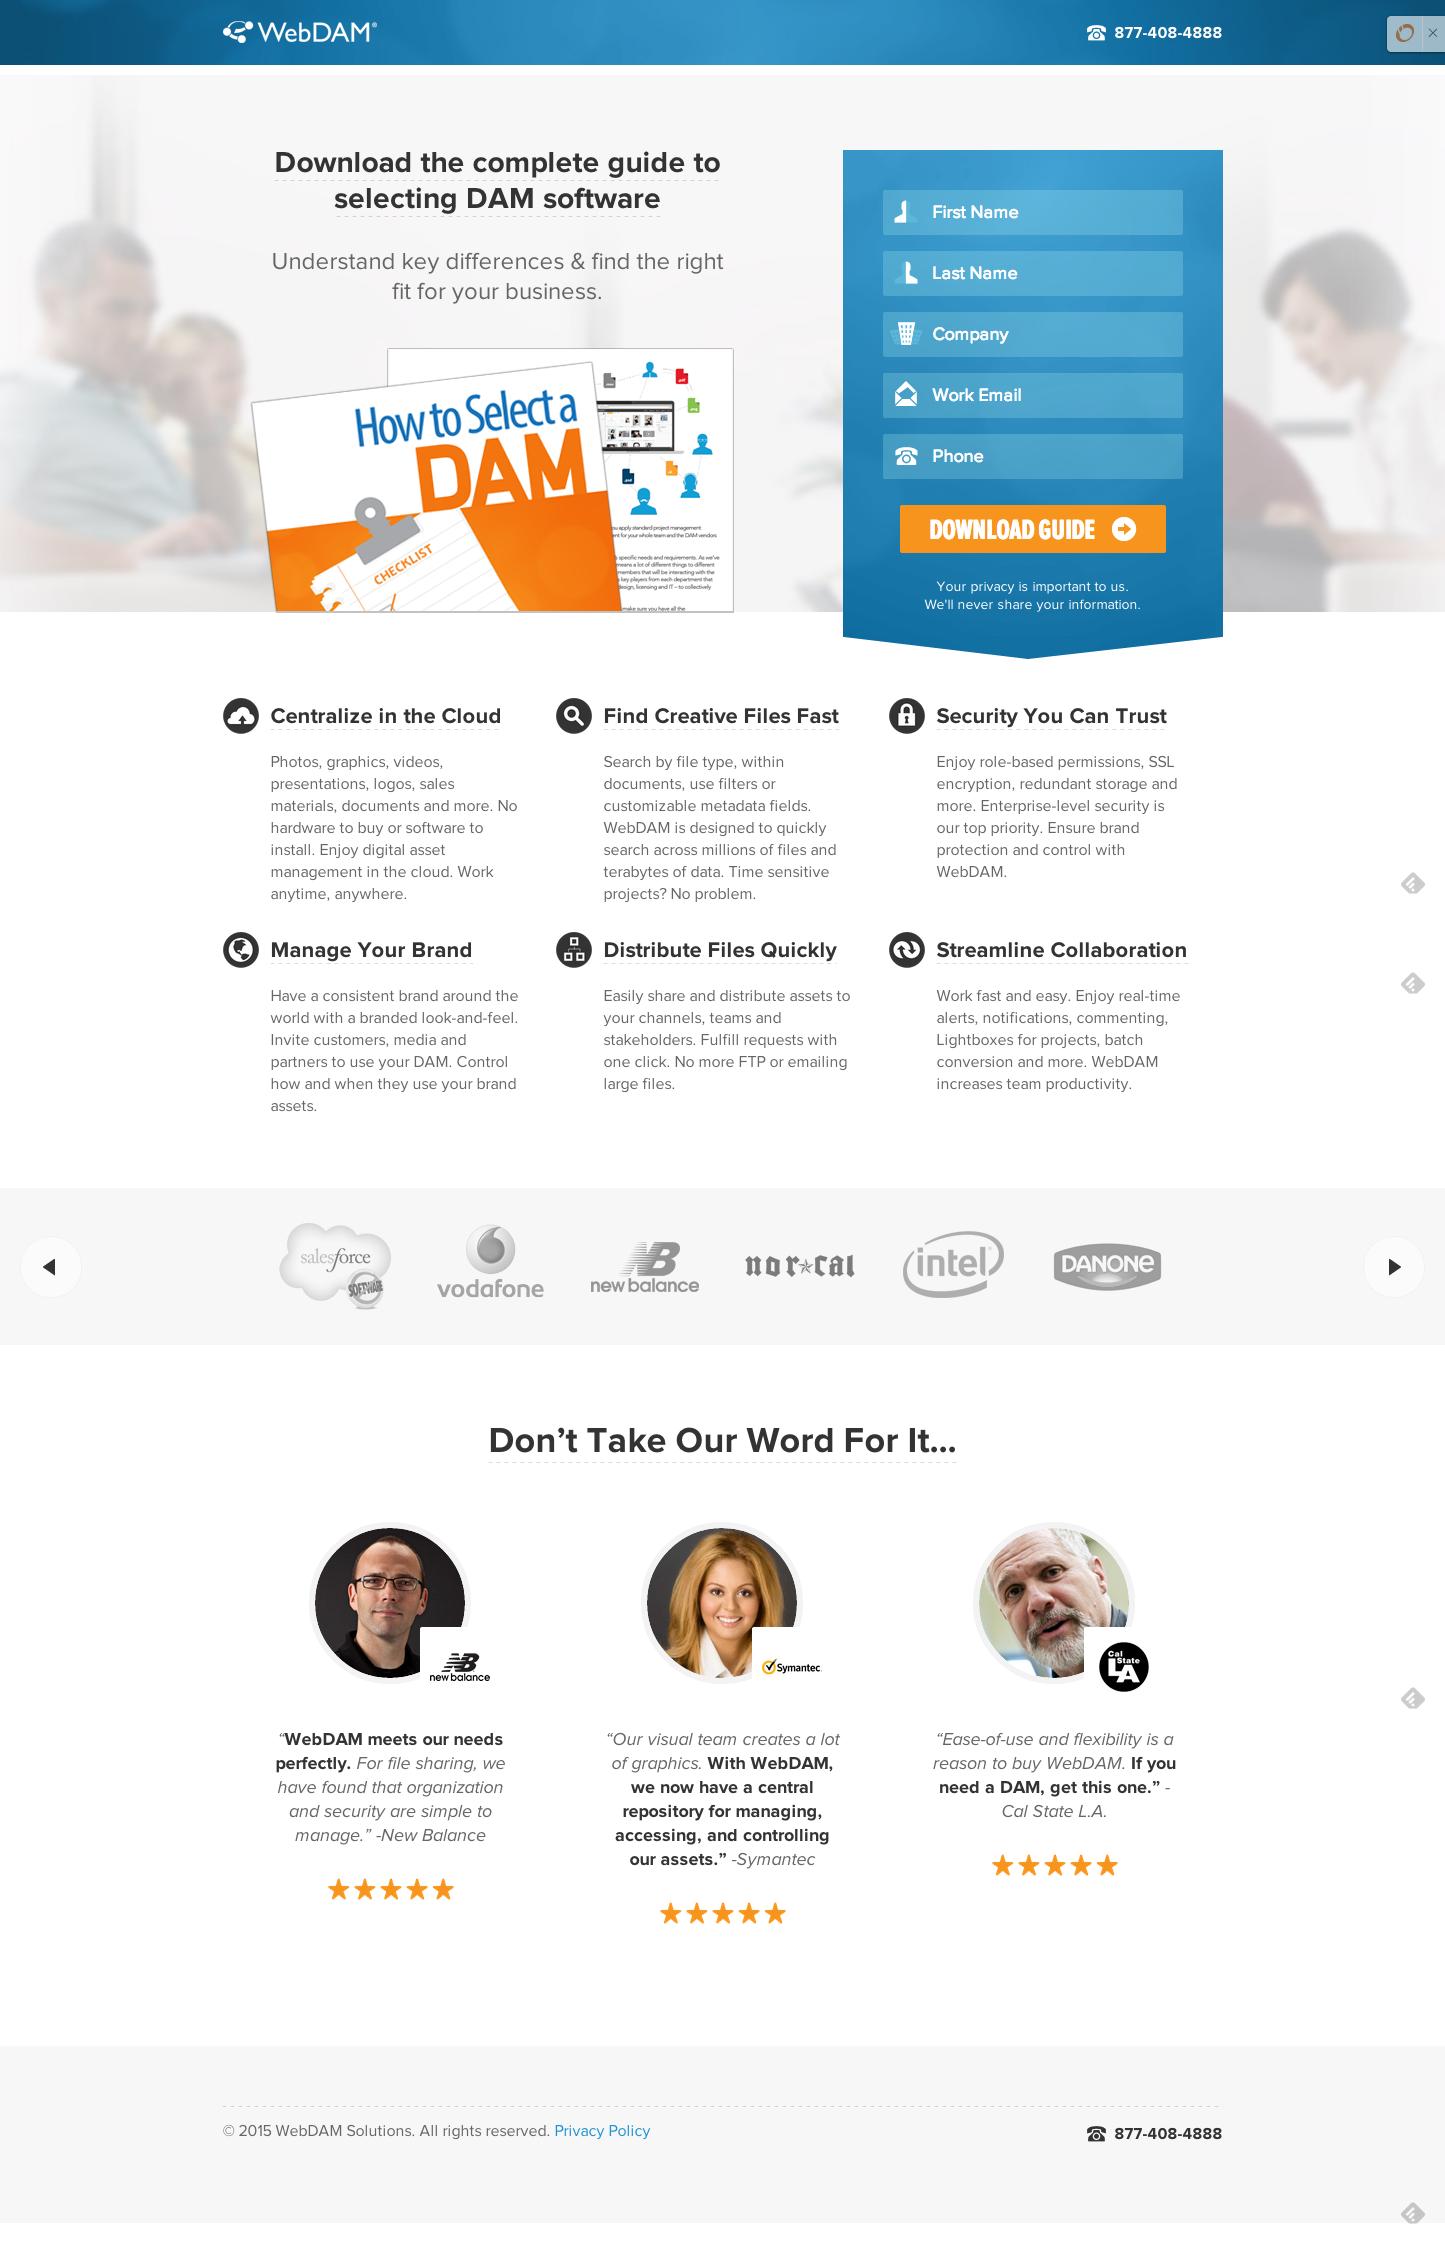 WebDAMのランディングページ例